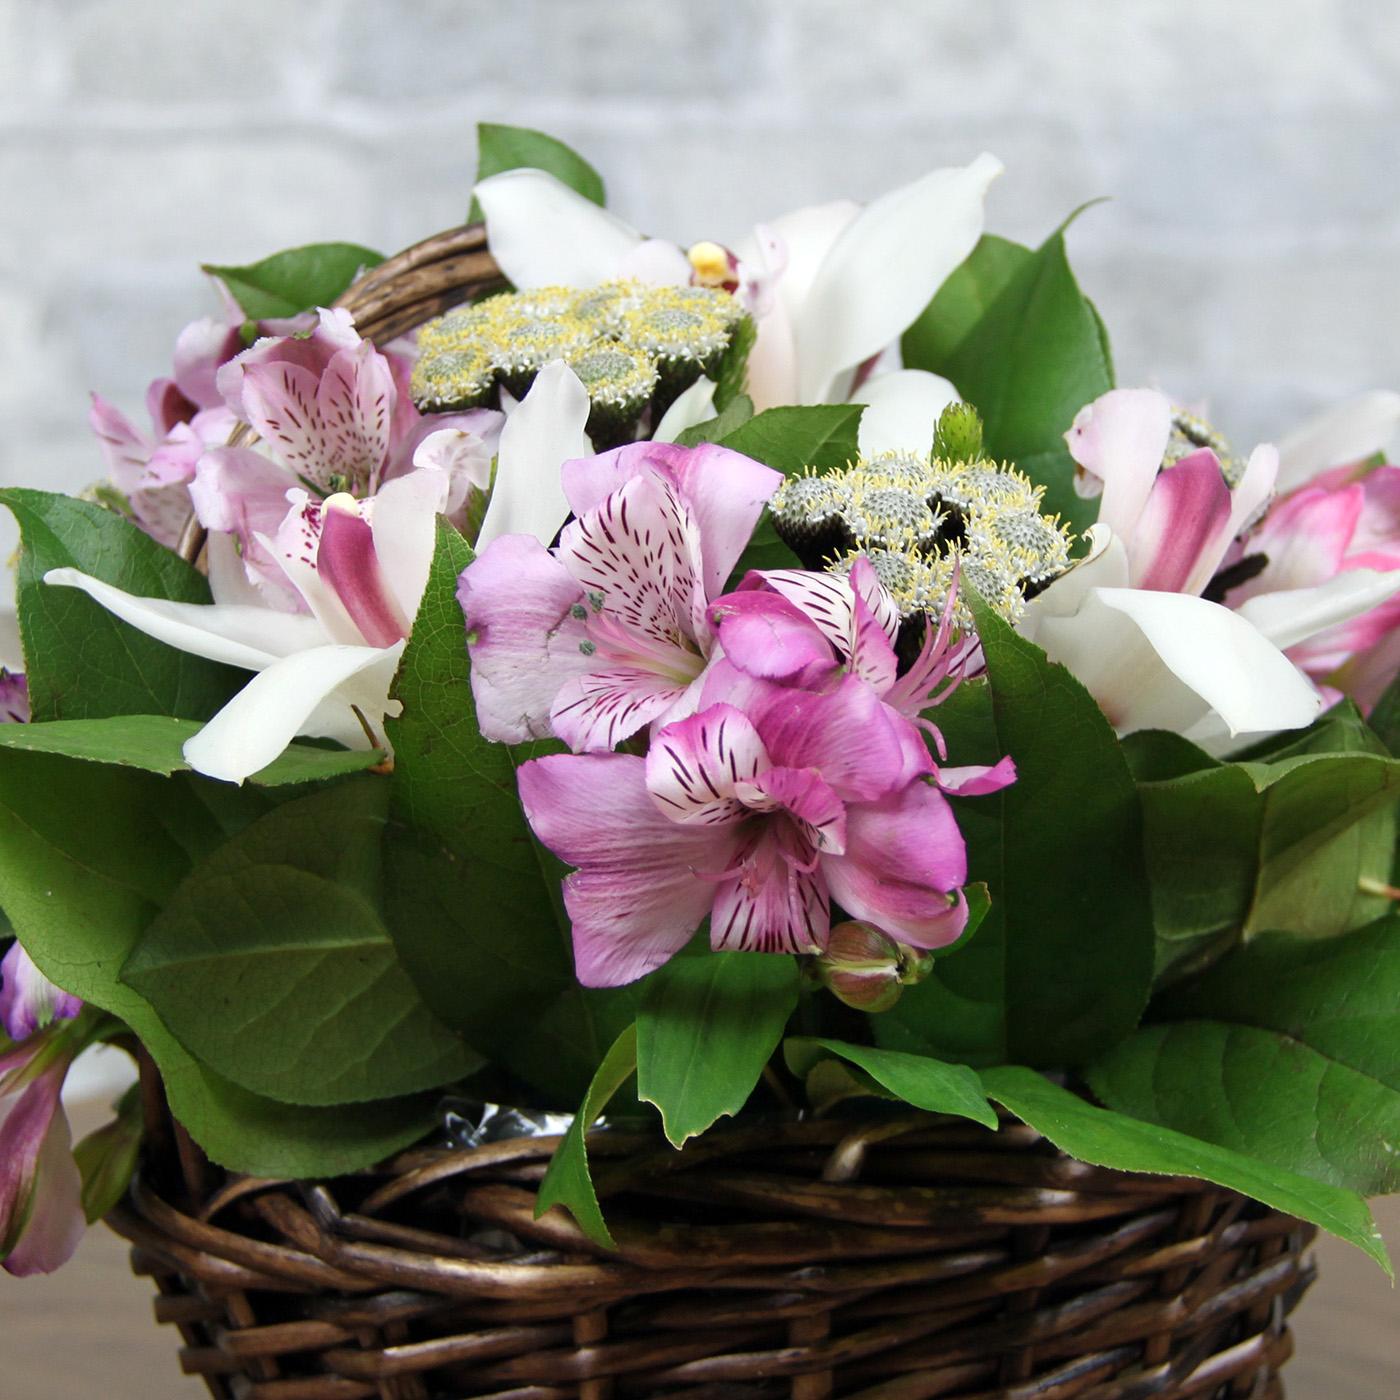 Композиция с орхидеей «Островок»